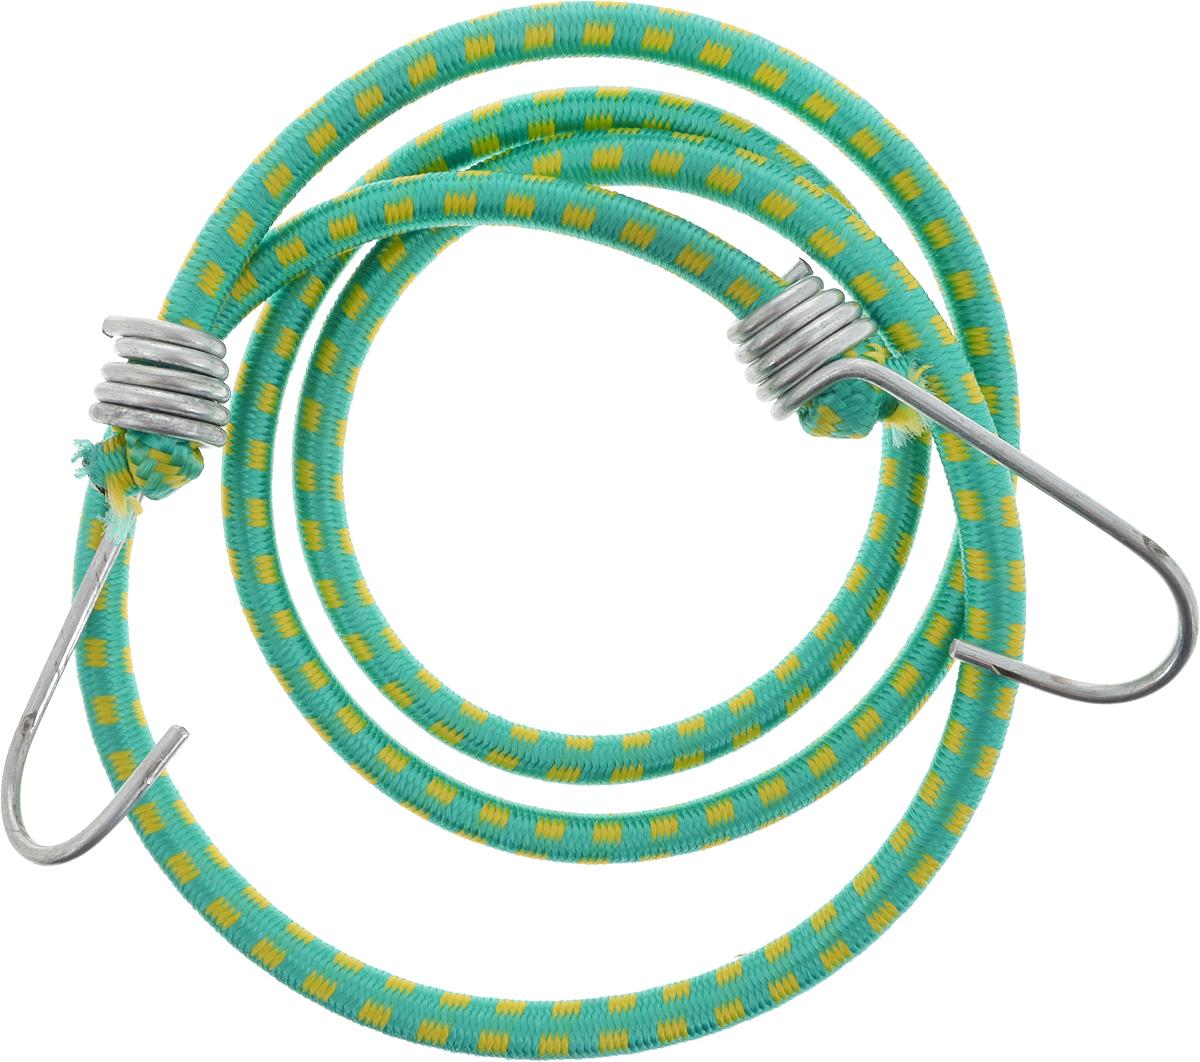 Резинка багажная МастерПроф, с крючками, цвет: зеленый, желтый, 0,6 х 110 смАС.020022_зеленый/желтыйБагажная резинка МастерПроф, выполненная из синтетического каучука, оснащена специальными металлическими крюками, которые обеспечивают прочное крепление и не допускают смещения груза во время его перевозки. Изделие применяется для закрепления предметов к багажнику. Такая резинка позволит зафиксировать как небольшой груз, так и довольно габаритный.Температура использования: -15°C до +50°C.Безопасное удлинение: 60%.Толщина резинки: 0,6 см.Длина резинки: 110 см.